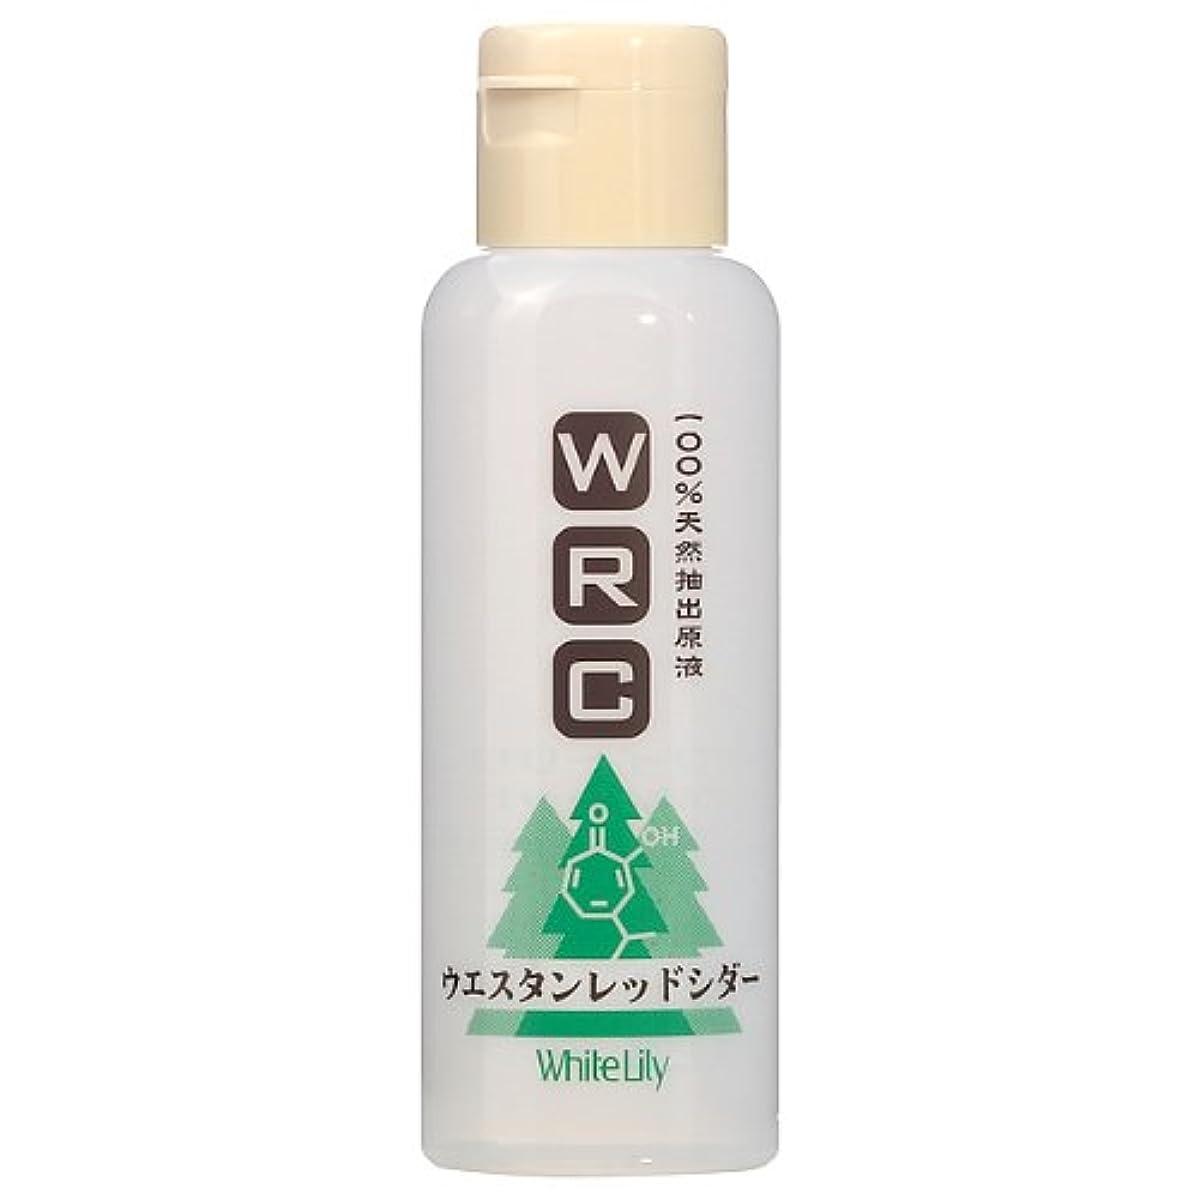 渦農夫文庫本ホワイトリリー ウエスタンレッドシダー 110mL 化粧水